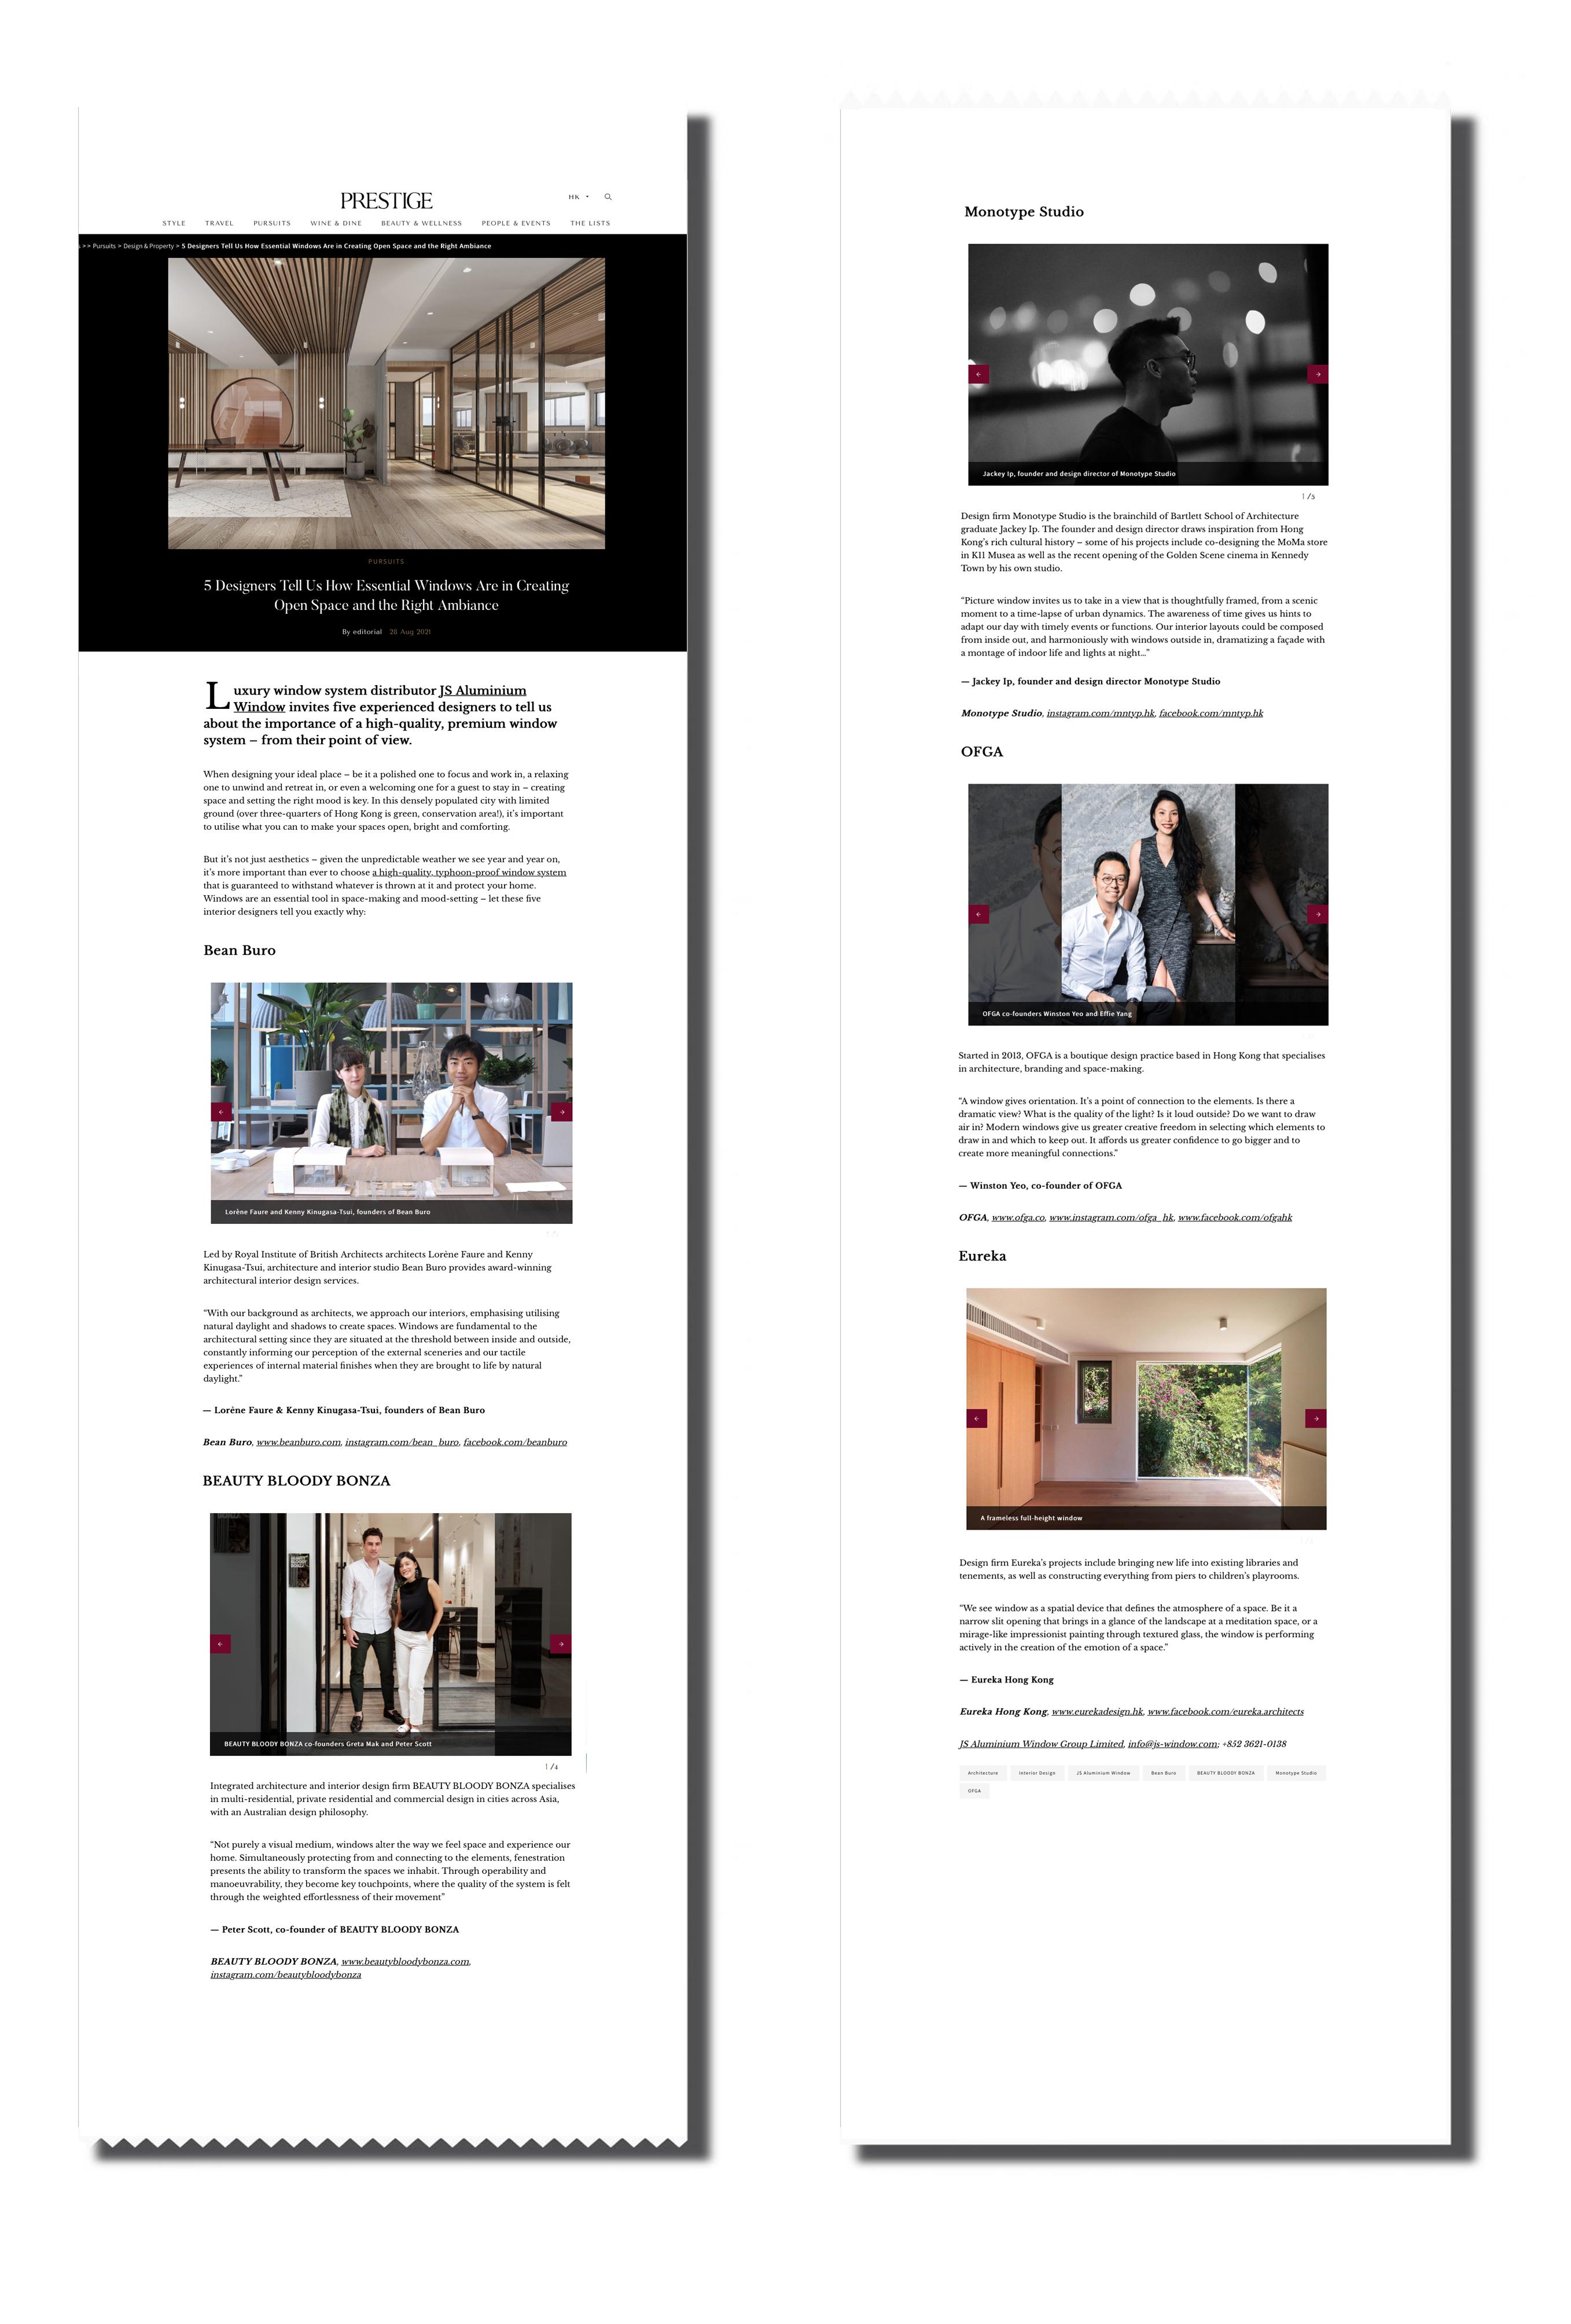 JSWindow-on-Prestige-Magazine-Designer-talks-about-premium-european-windows